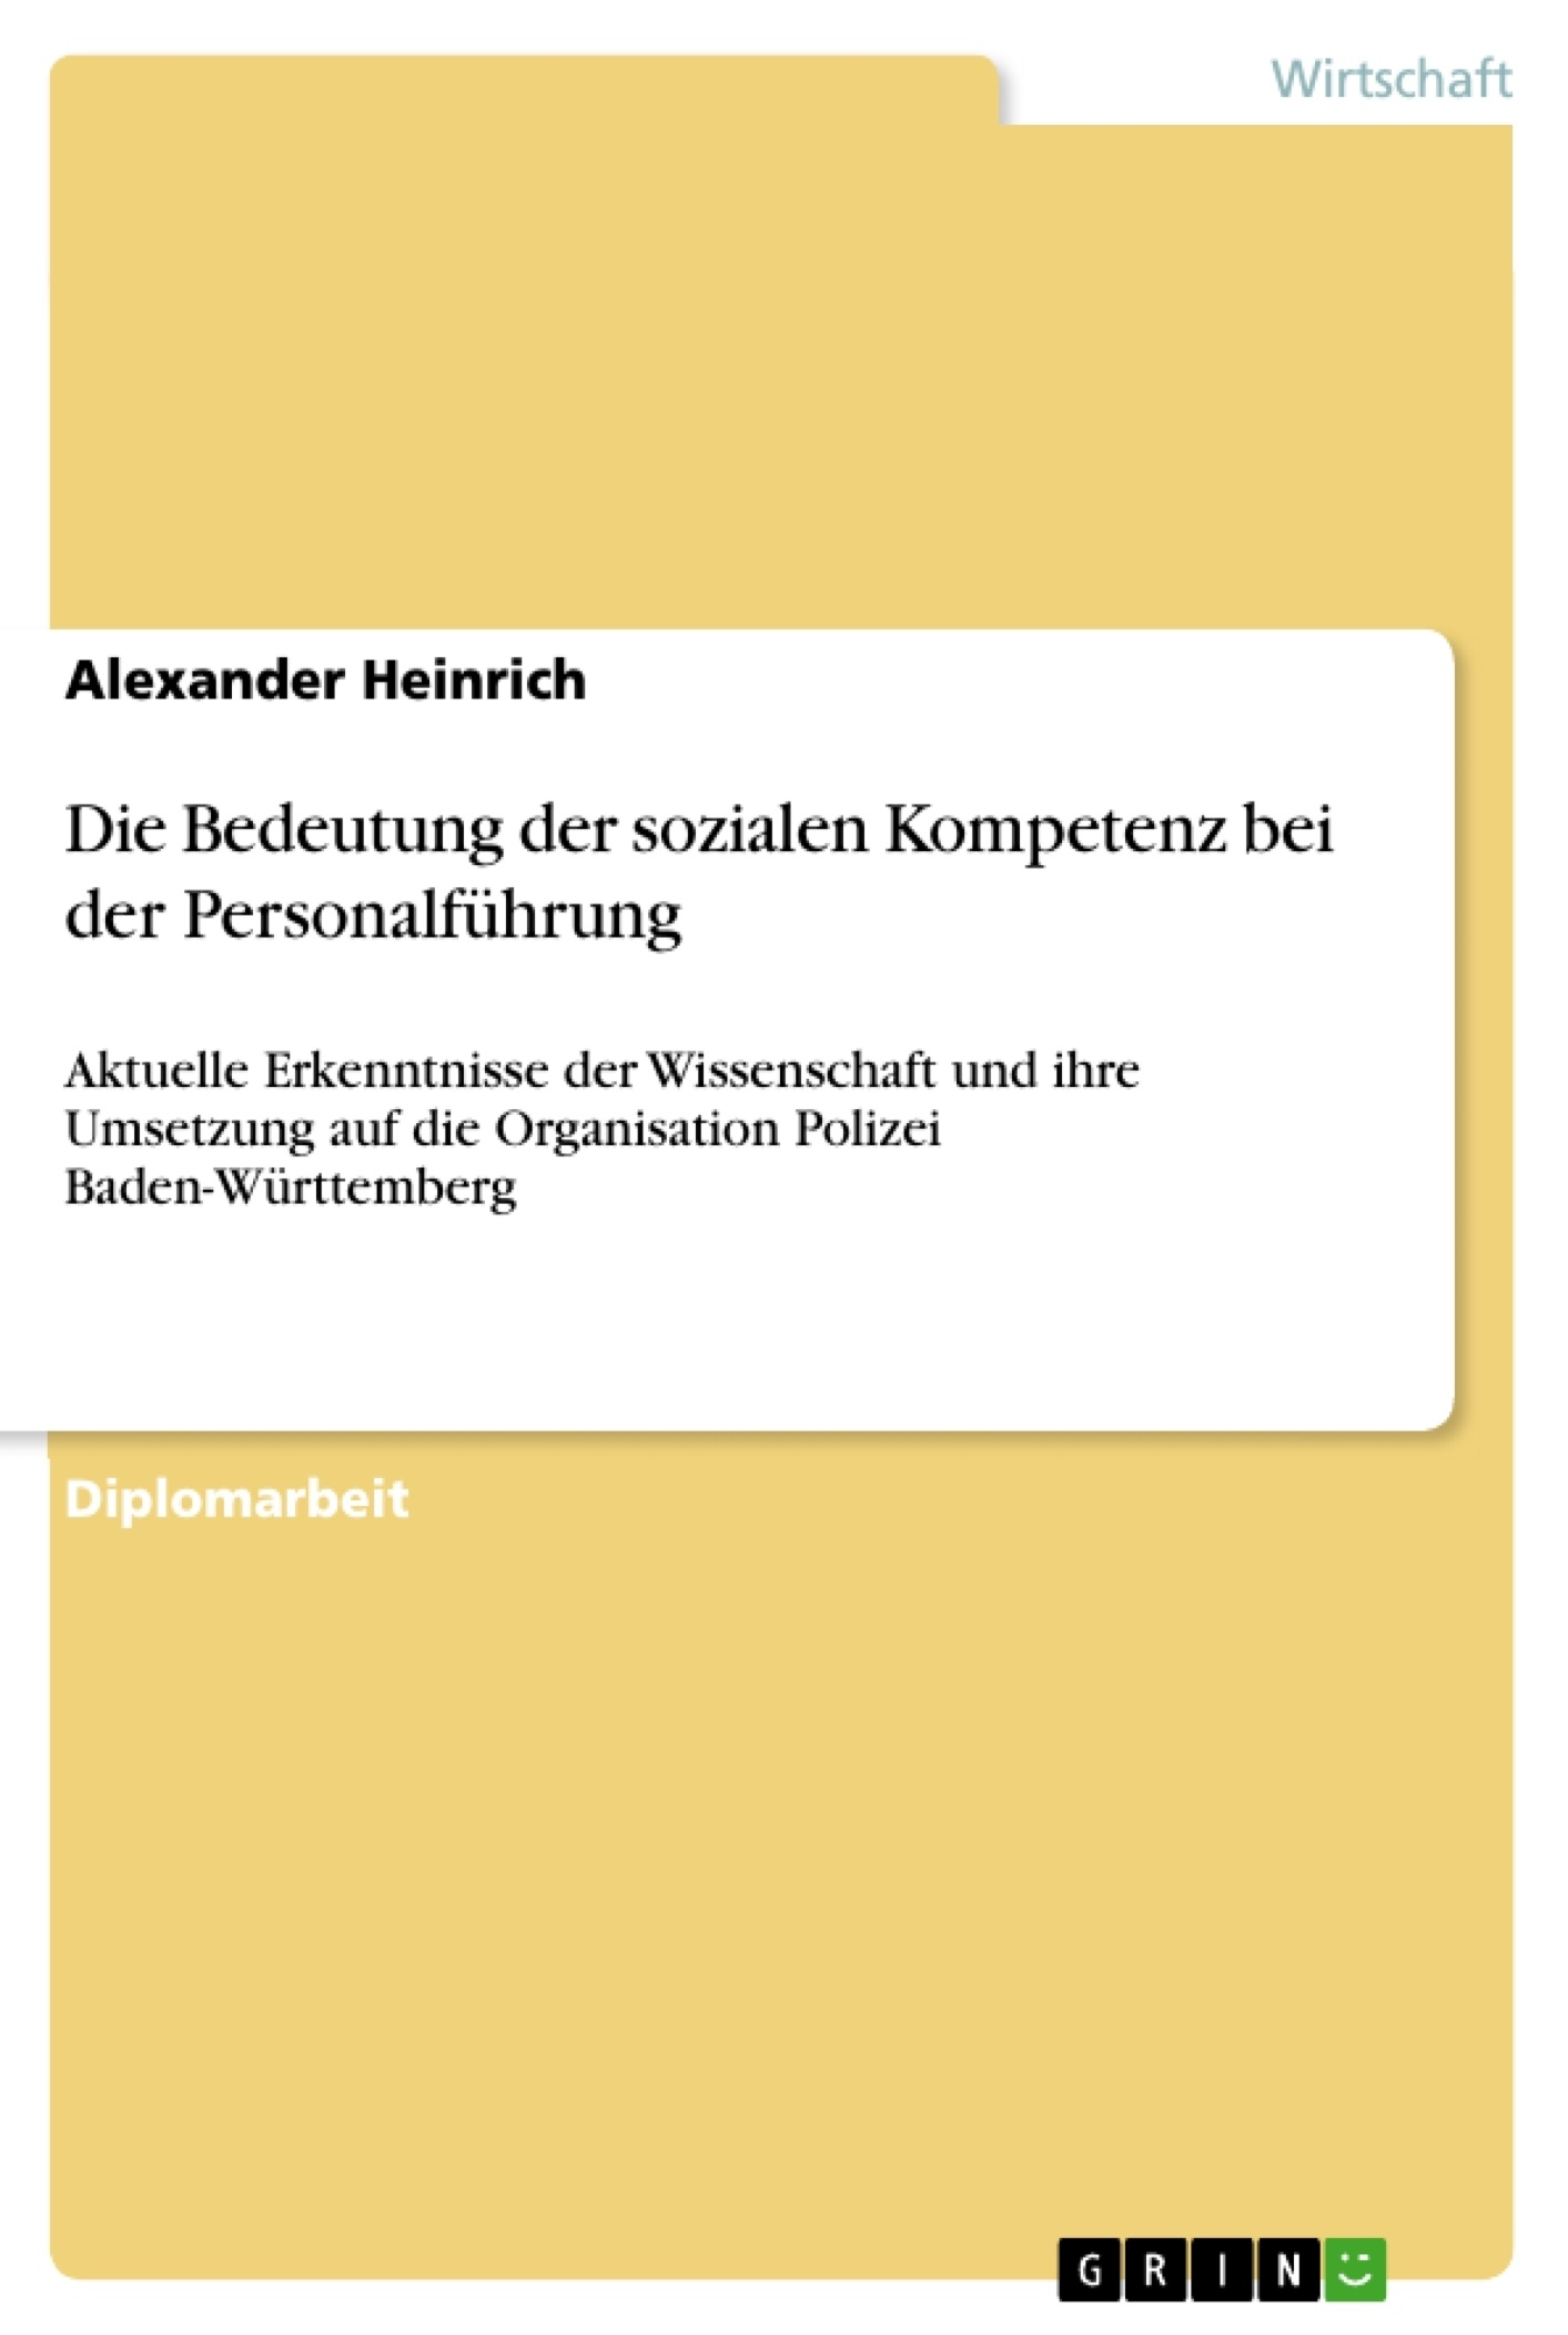 Titel: Die Bedeutung der sozialen Kompetenz bei der Personalführung